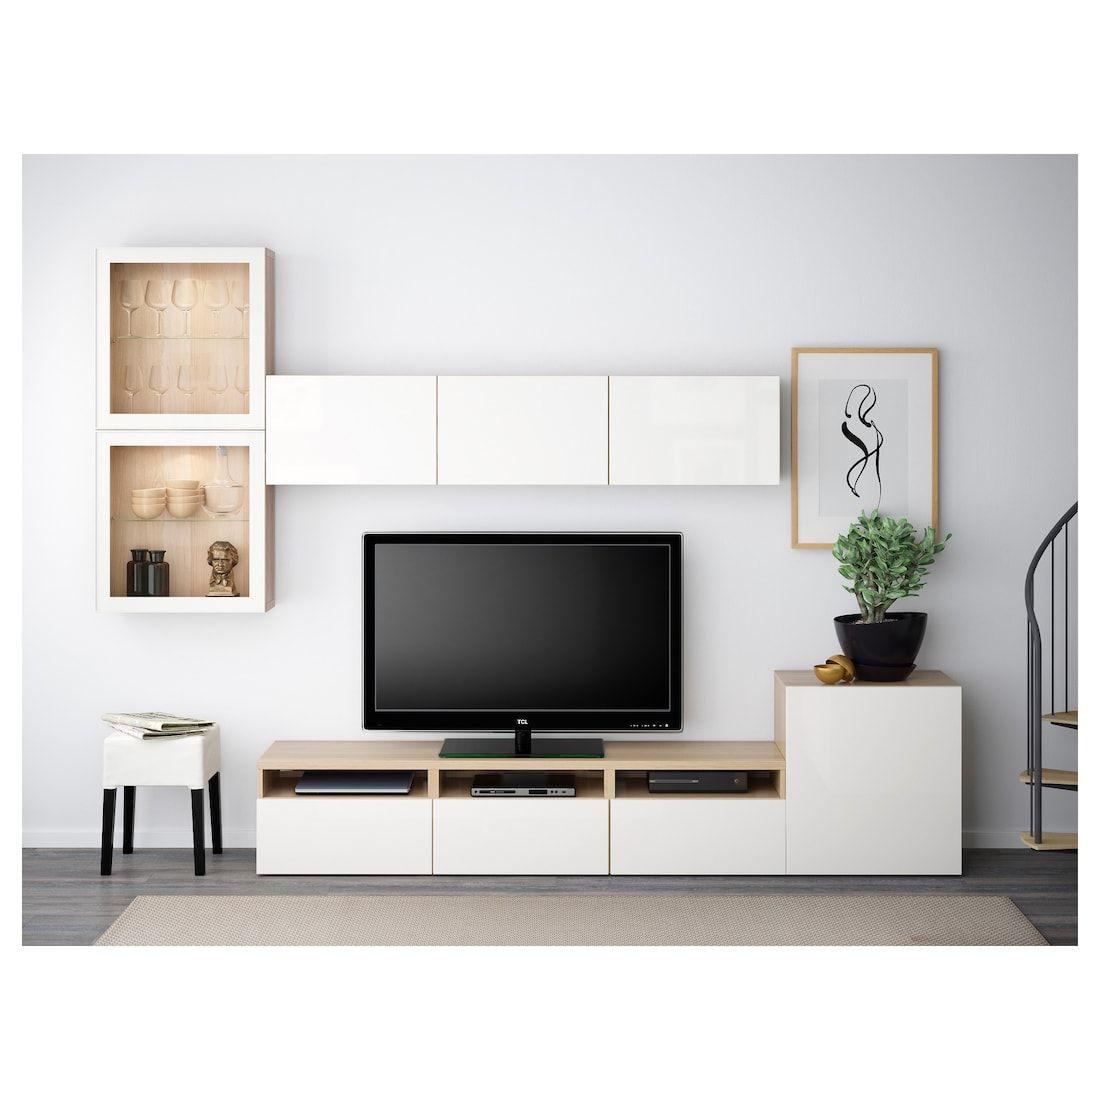 IKEA BESTÅ TV Komb. mit Vitrinentüren   Wohnung gestalten, Ikea wohnzimmer ideen, Wohnen